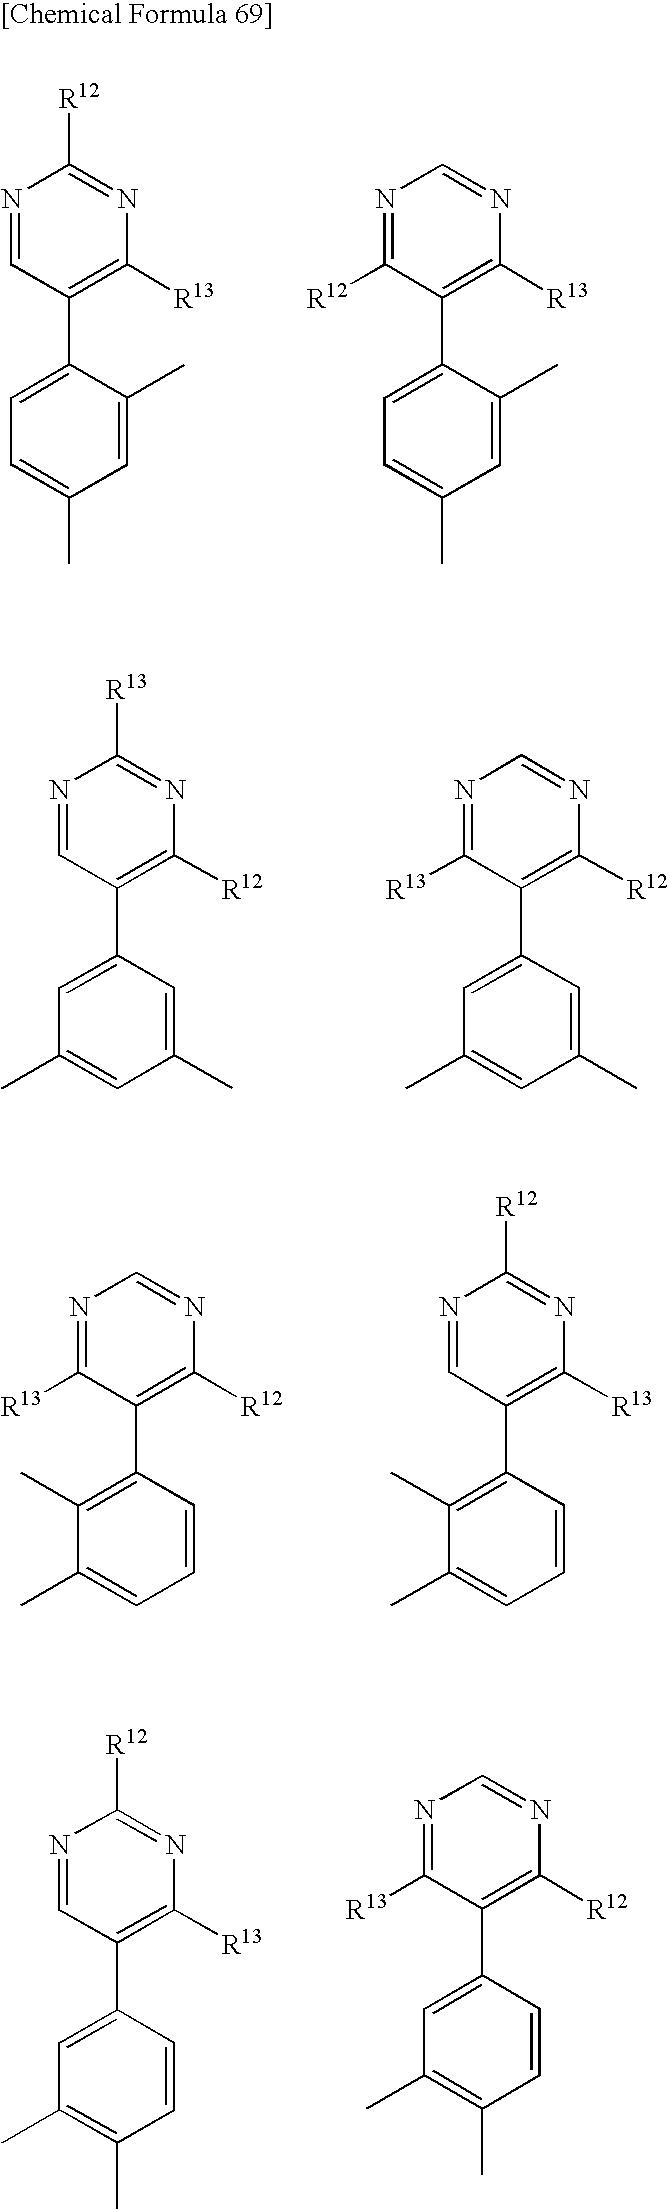 Figure US20100171109A1-20100708-C00116